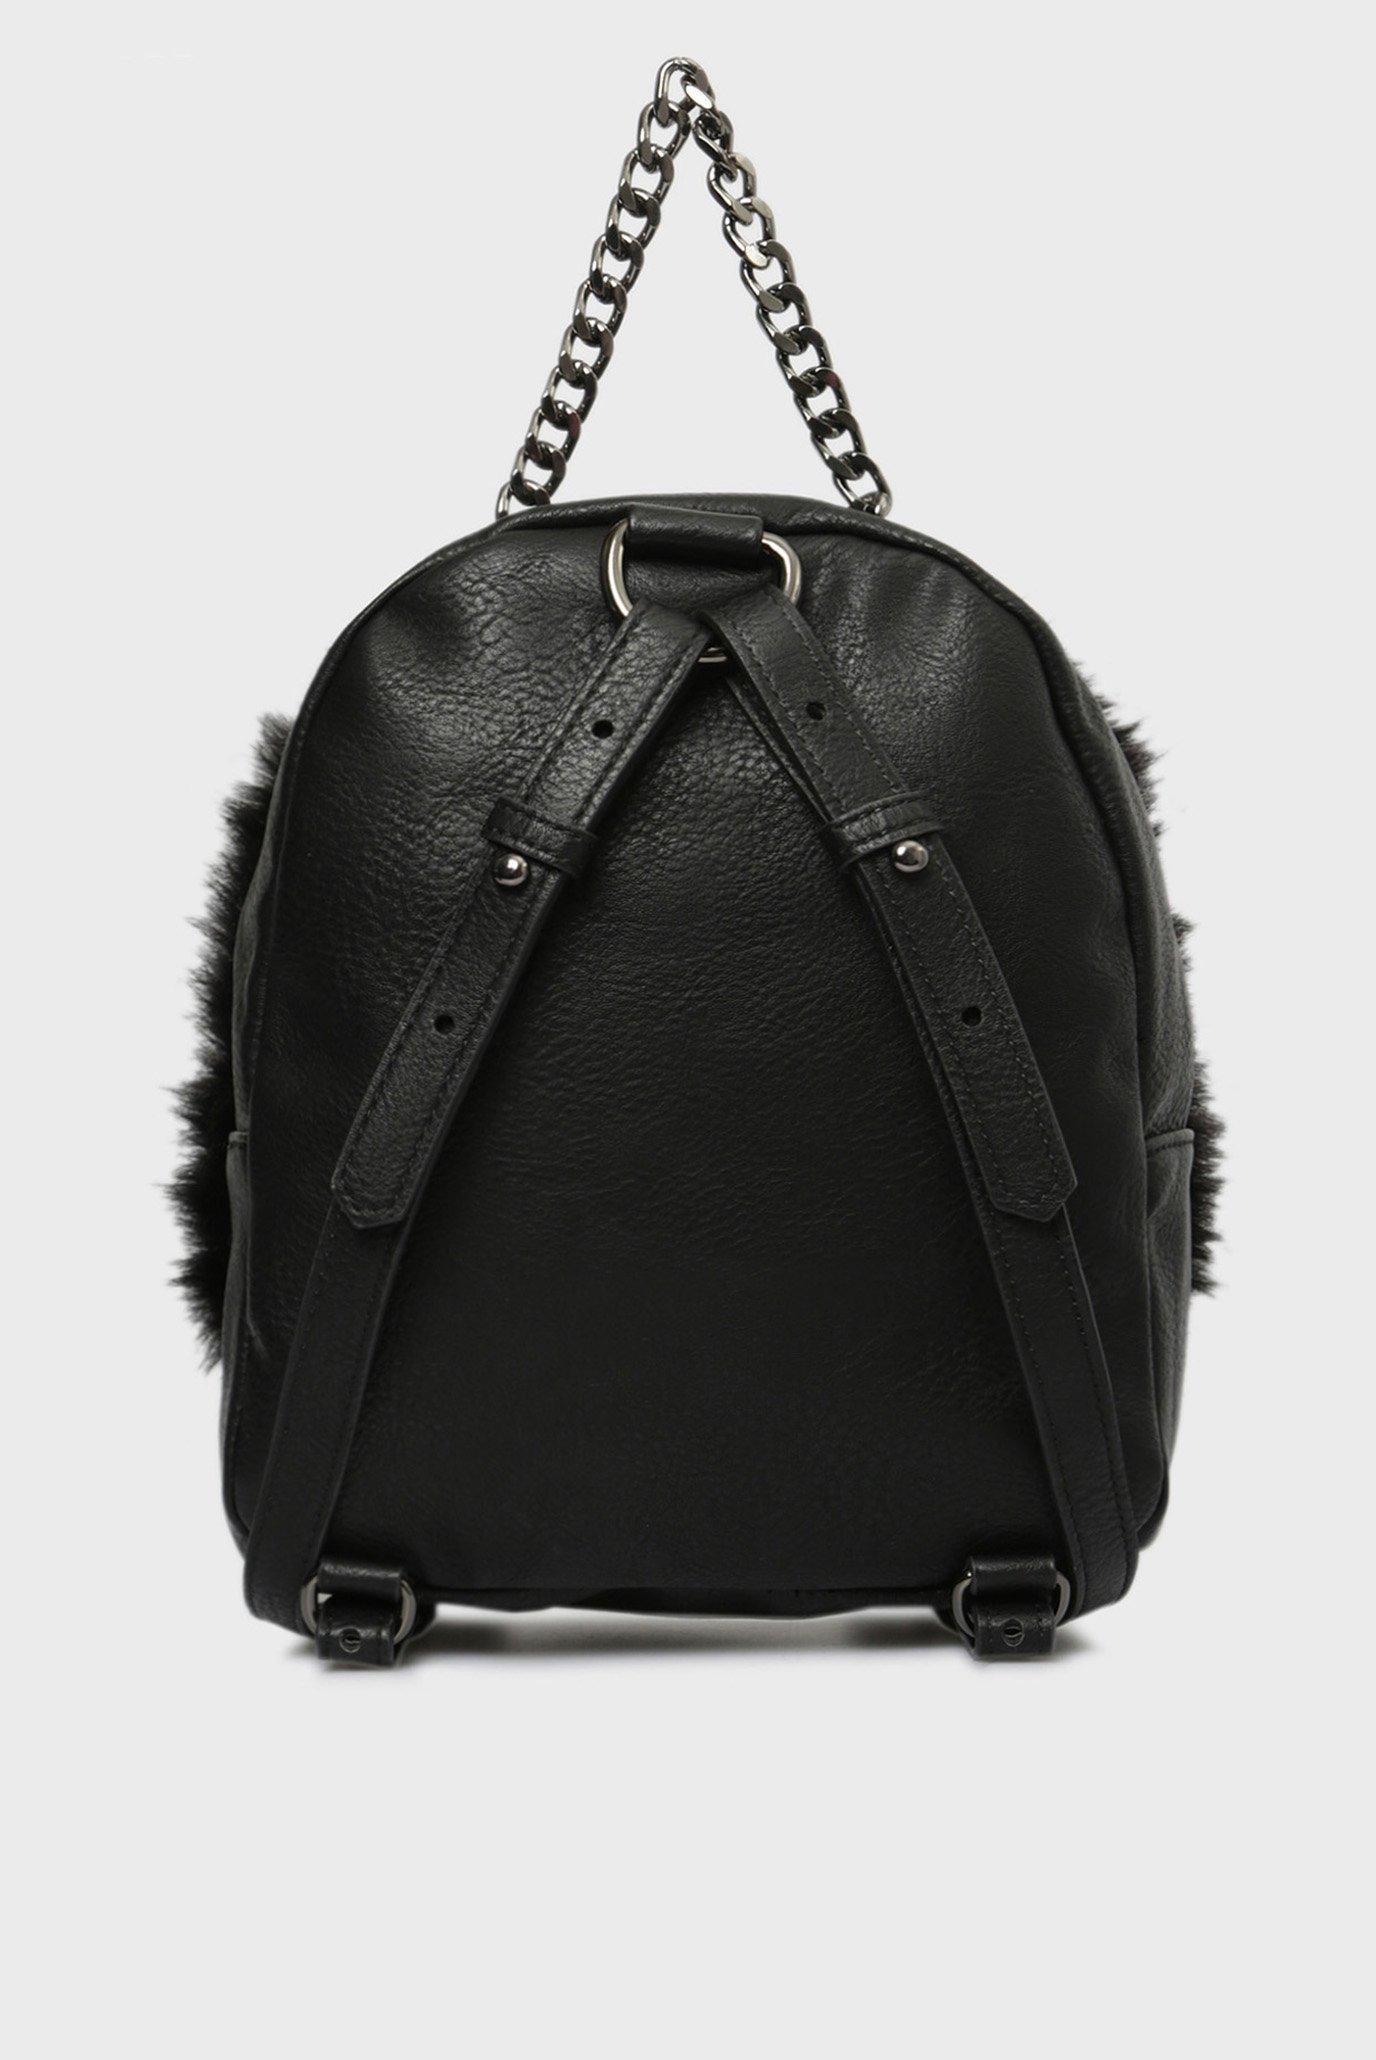 Купить Женский черный рюкзак Replay Replay FW3792.000.A0258 – Киев, Украина. Цены в интернет магазине MD Fashion